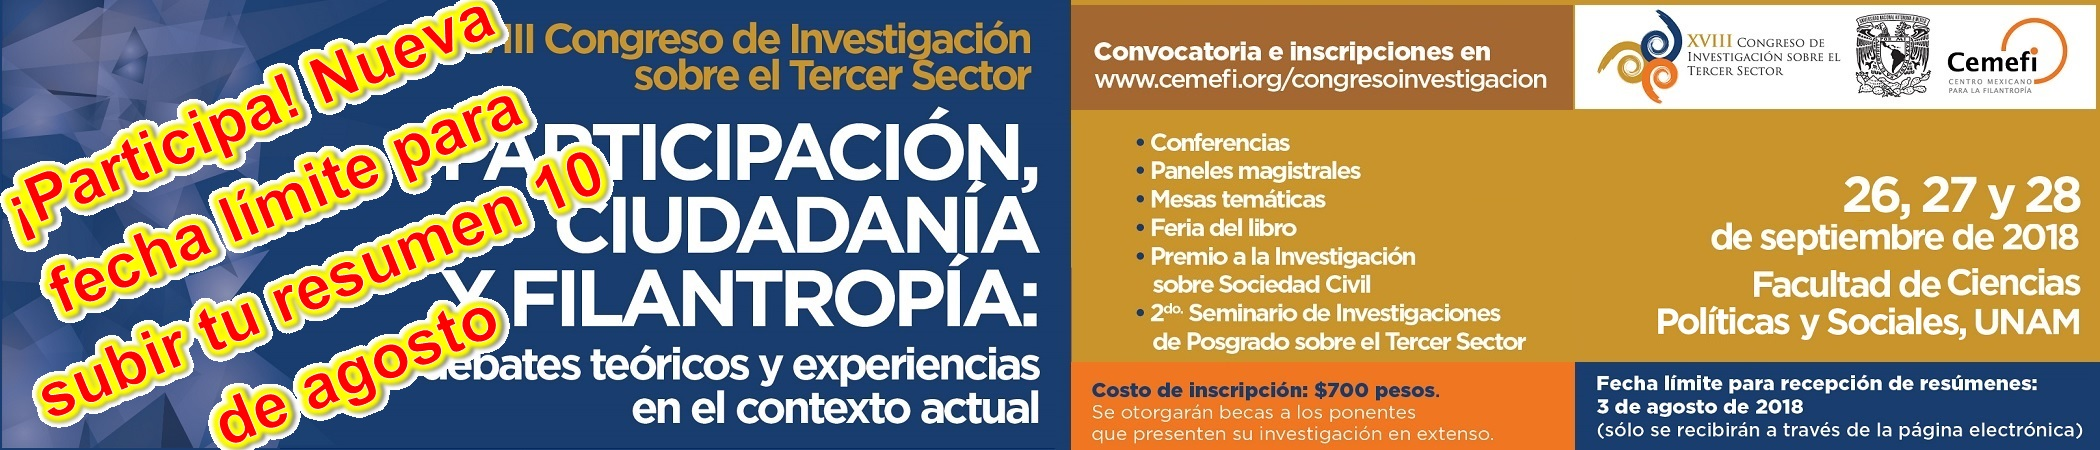 XVIII Congreso de Investigación sobre el Tercer Sector